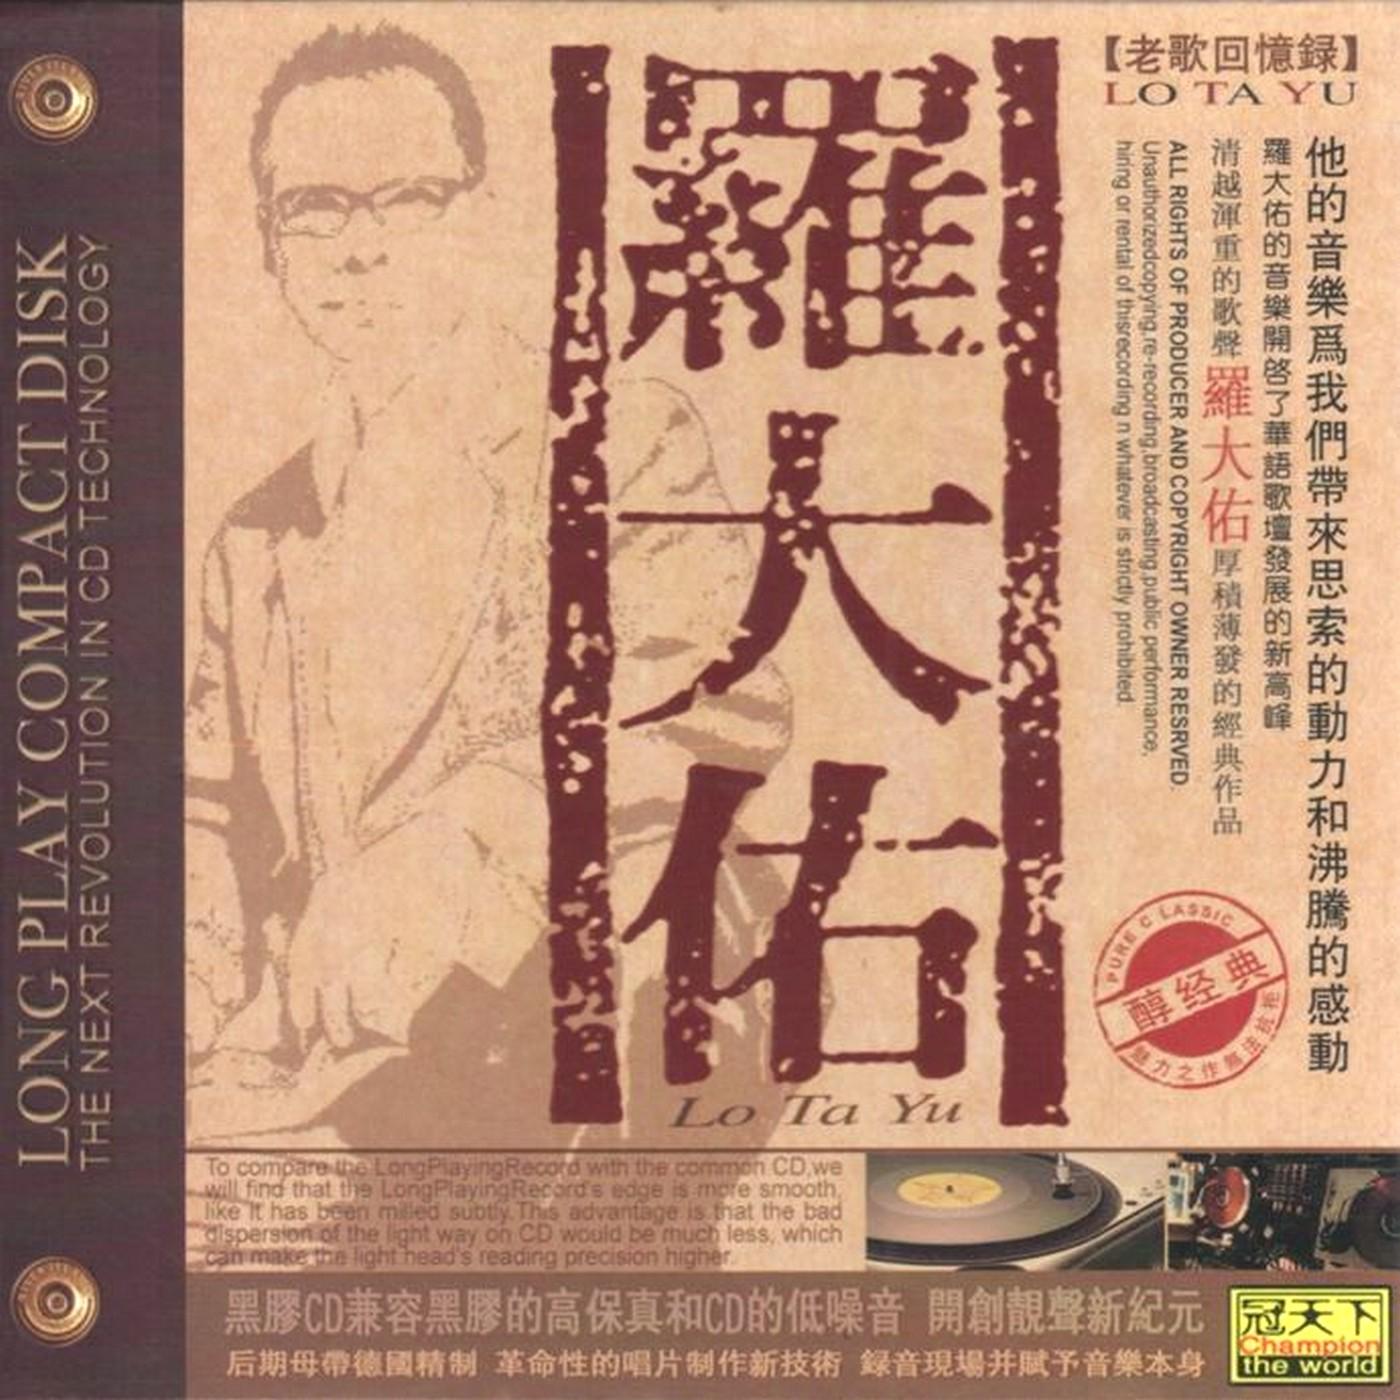 【流行经典】罗大佑《老歌回忆录》2003[FLAC+CUE/整轨]